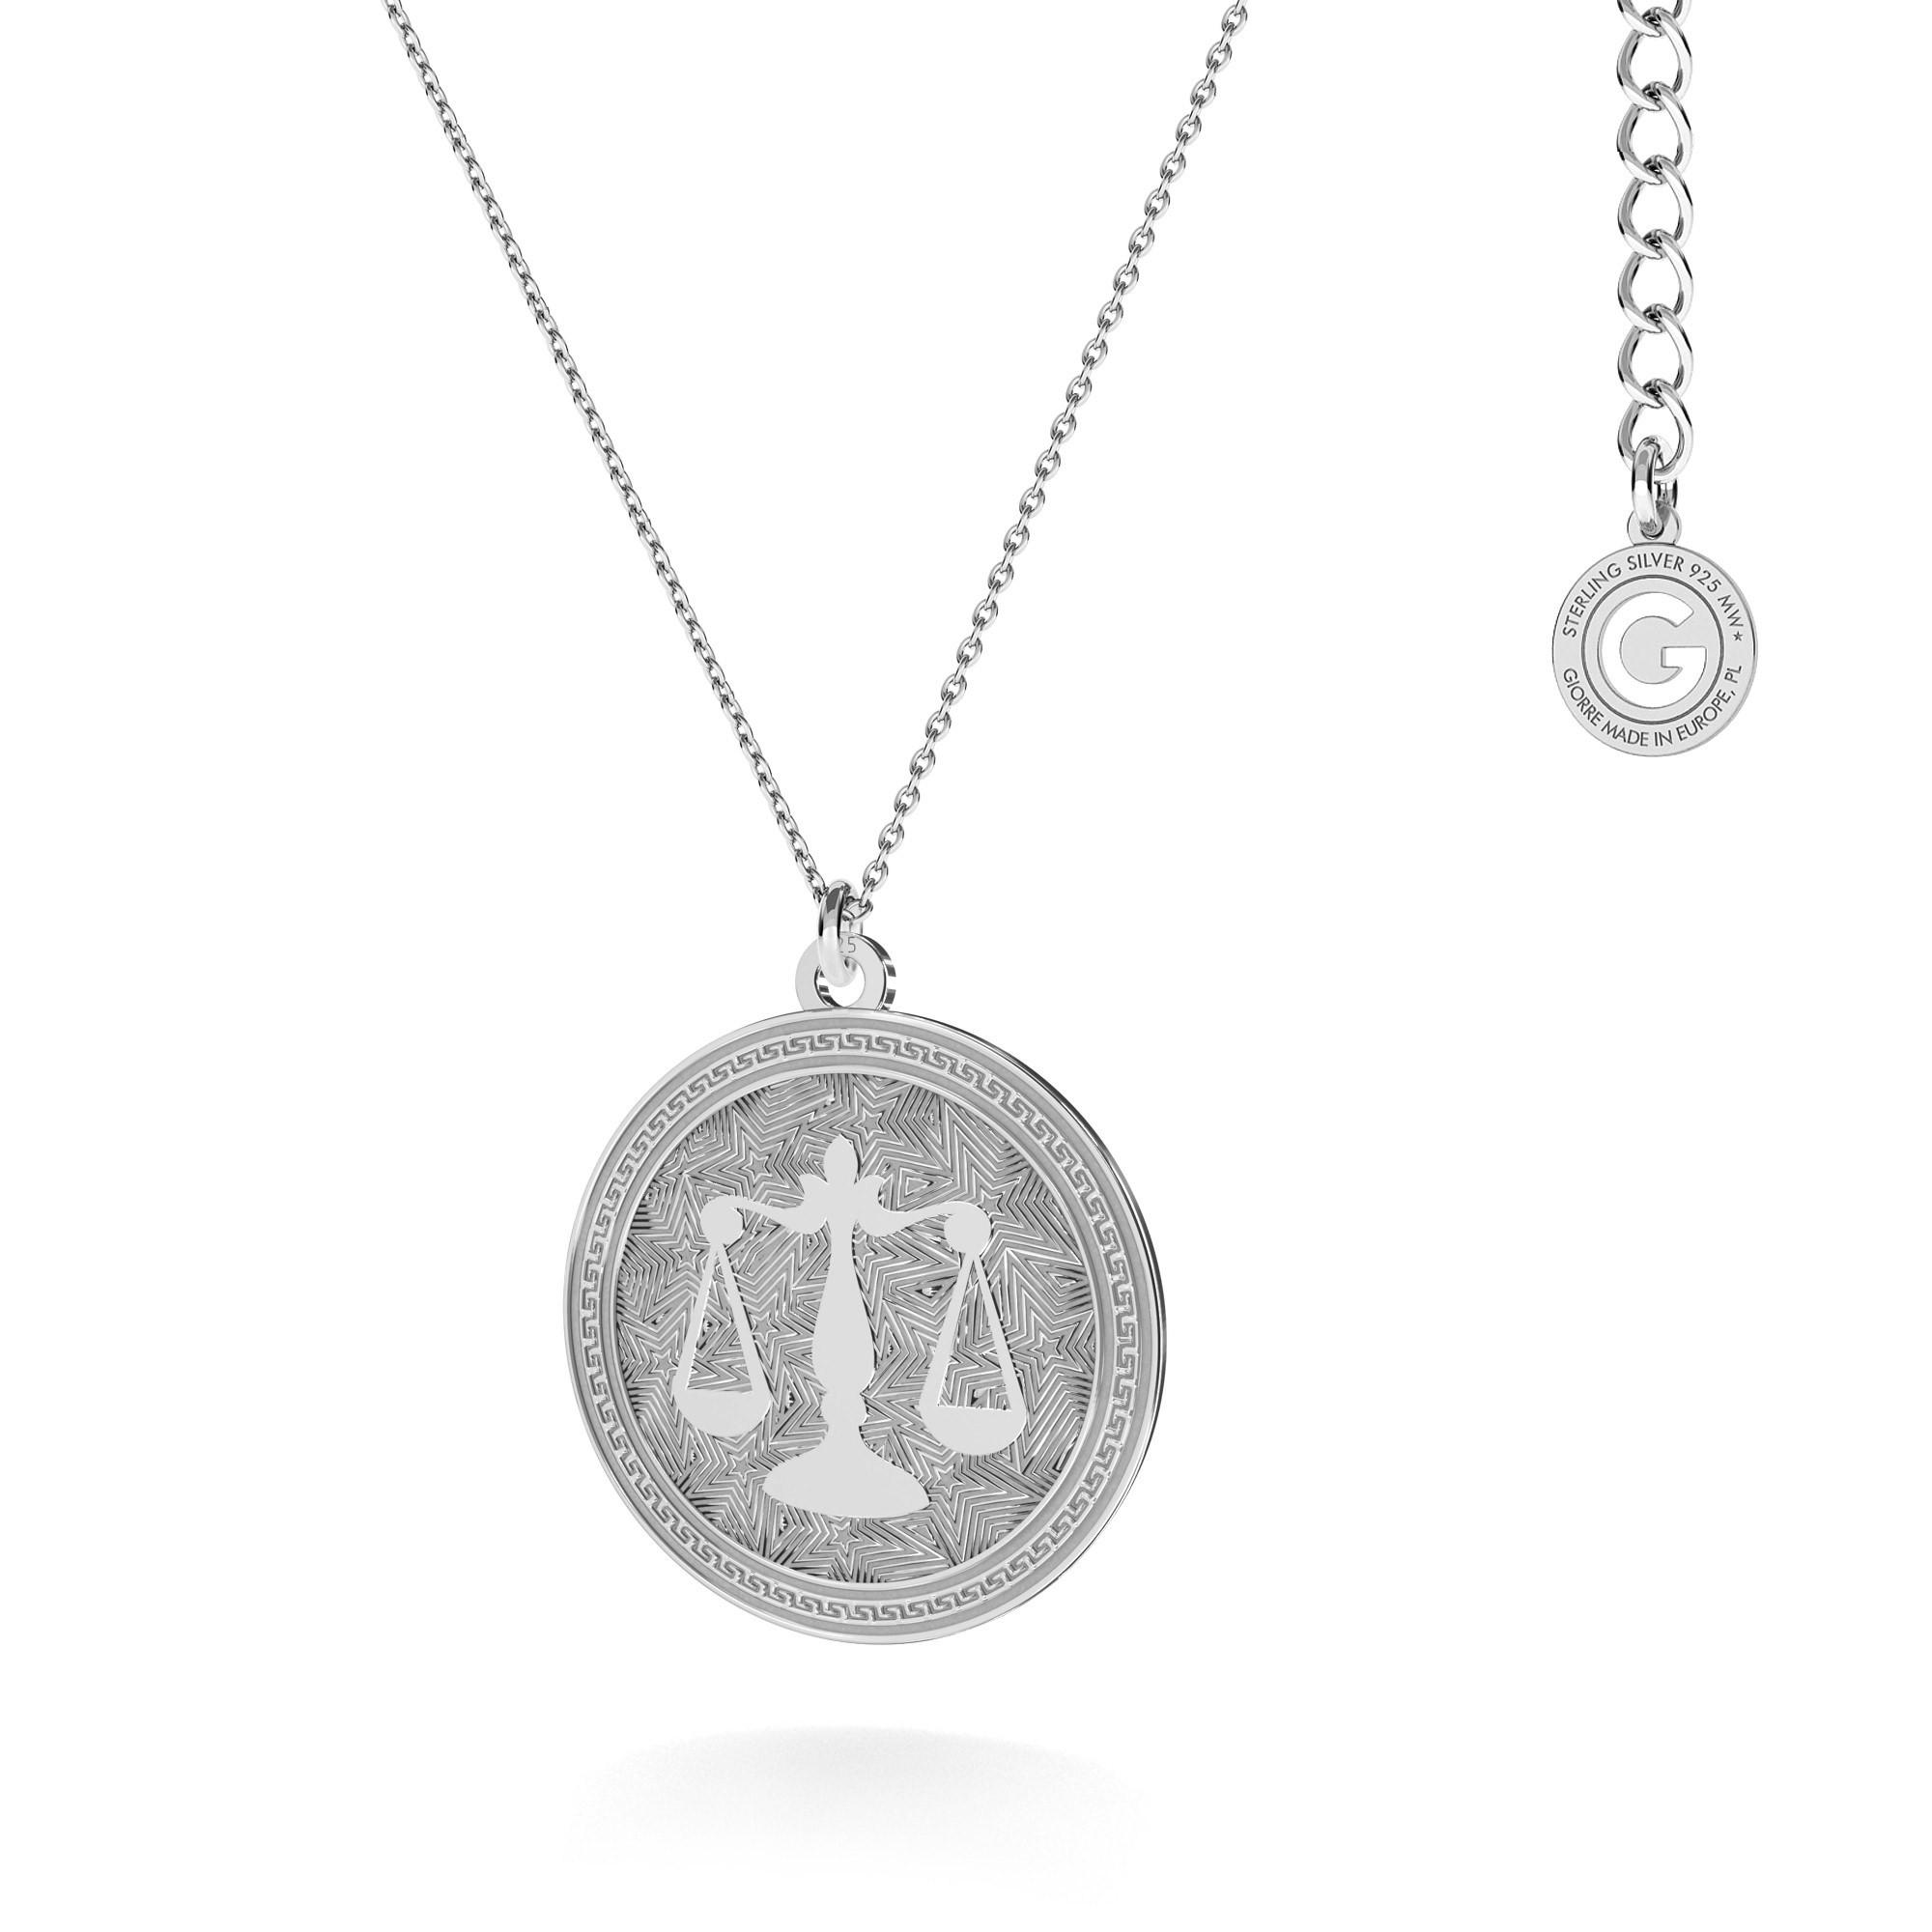 Srebrny naszyjnik znak zodiaku WAGA 925